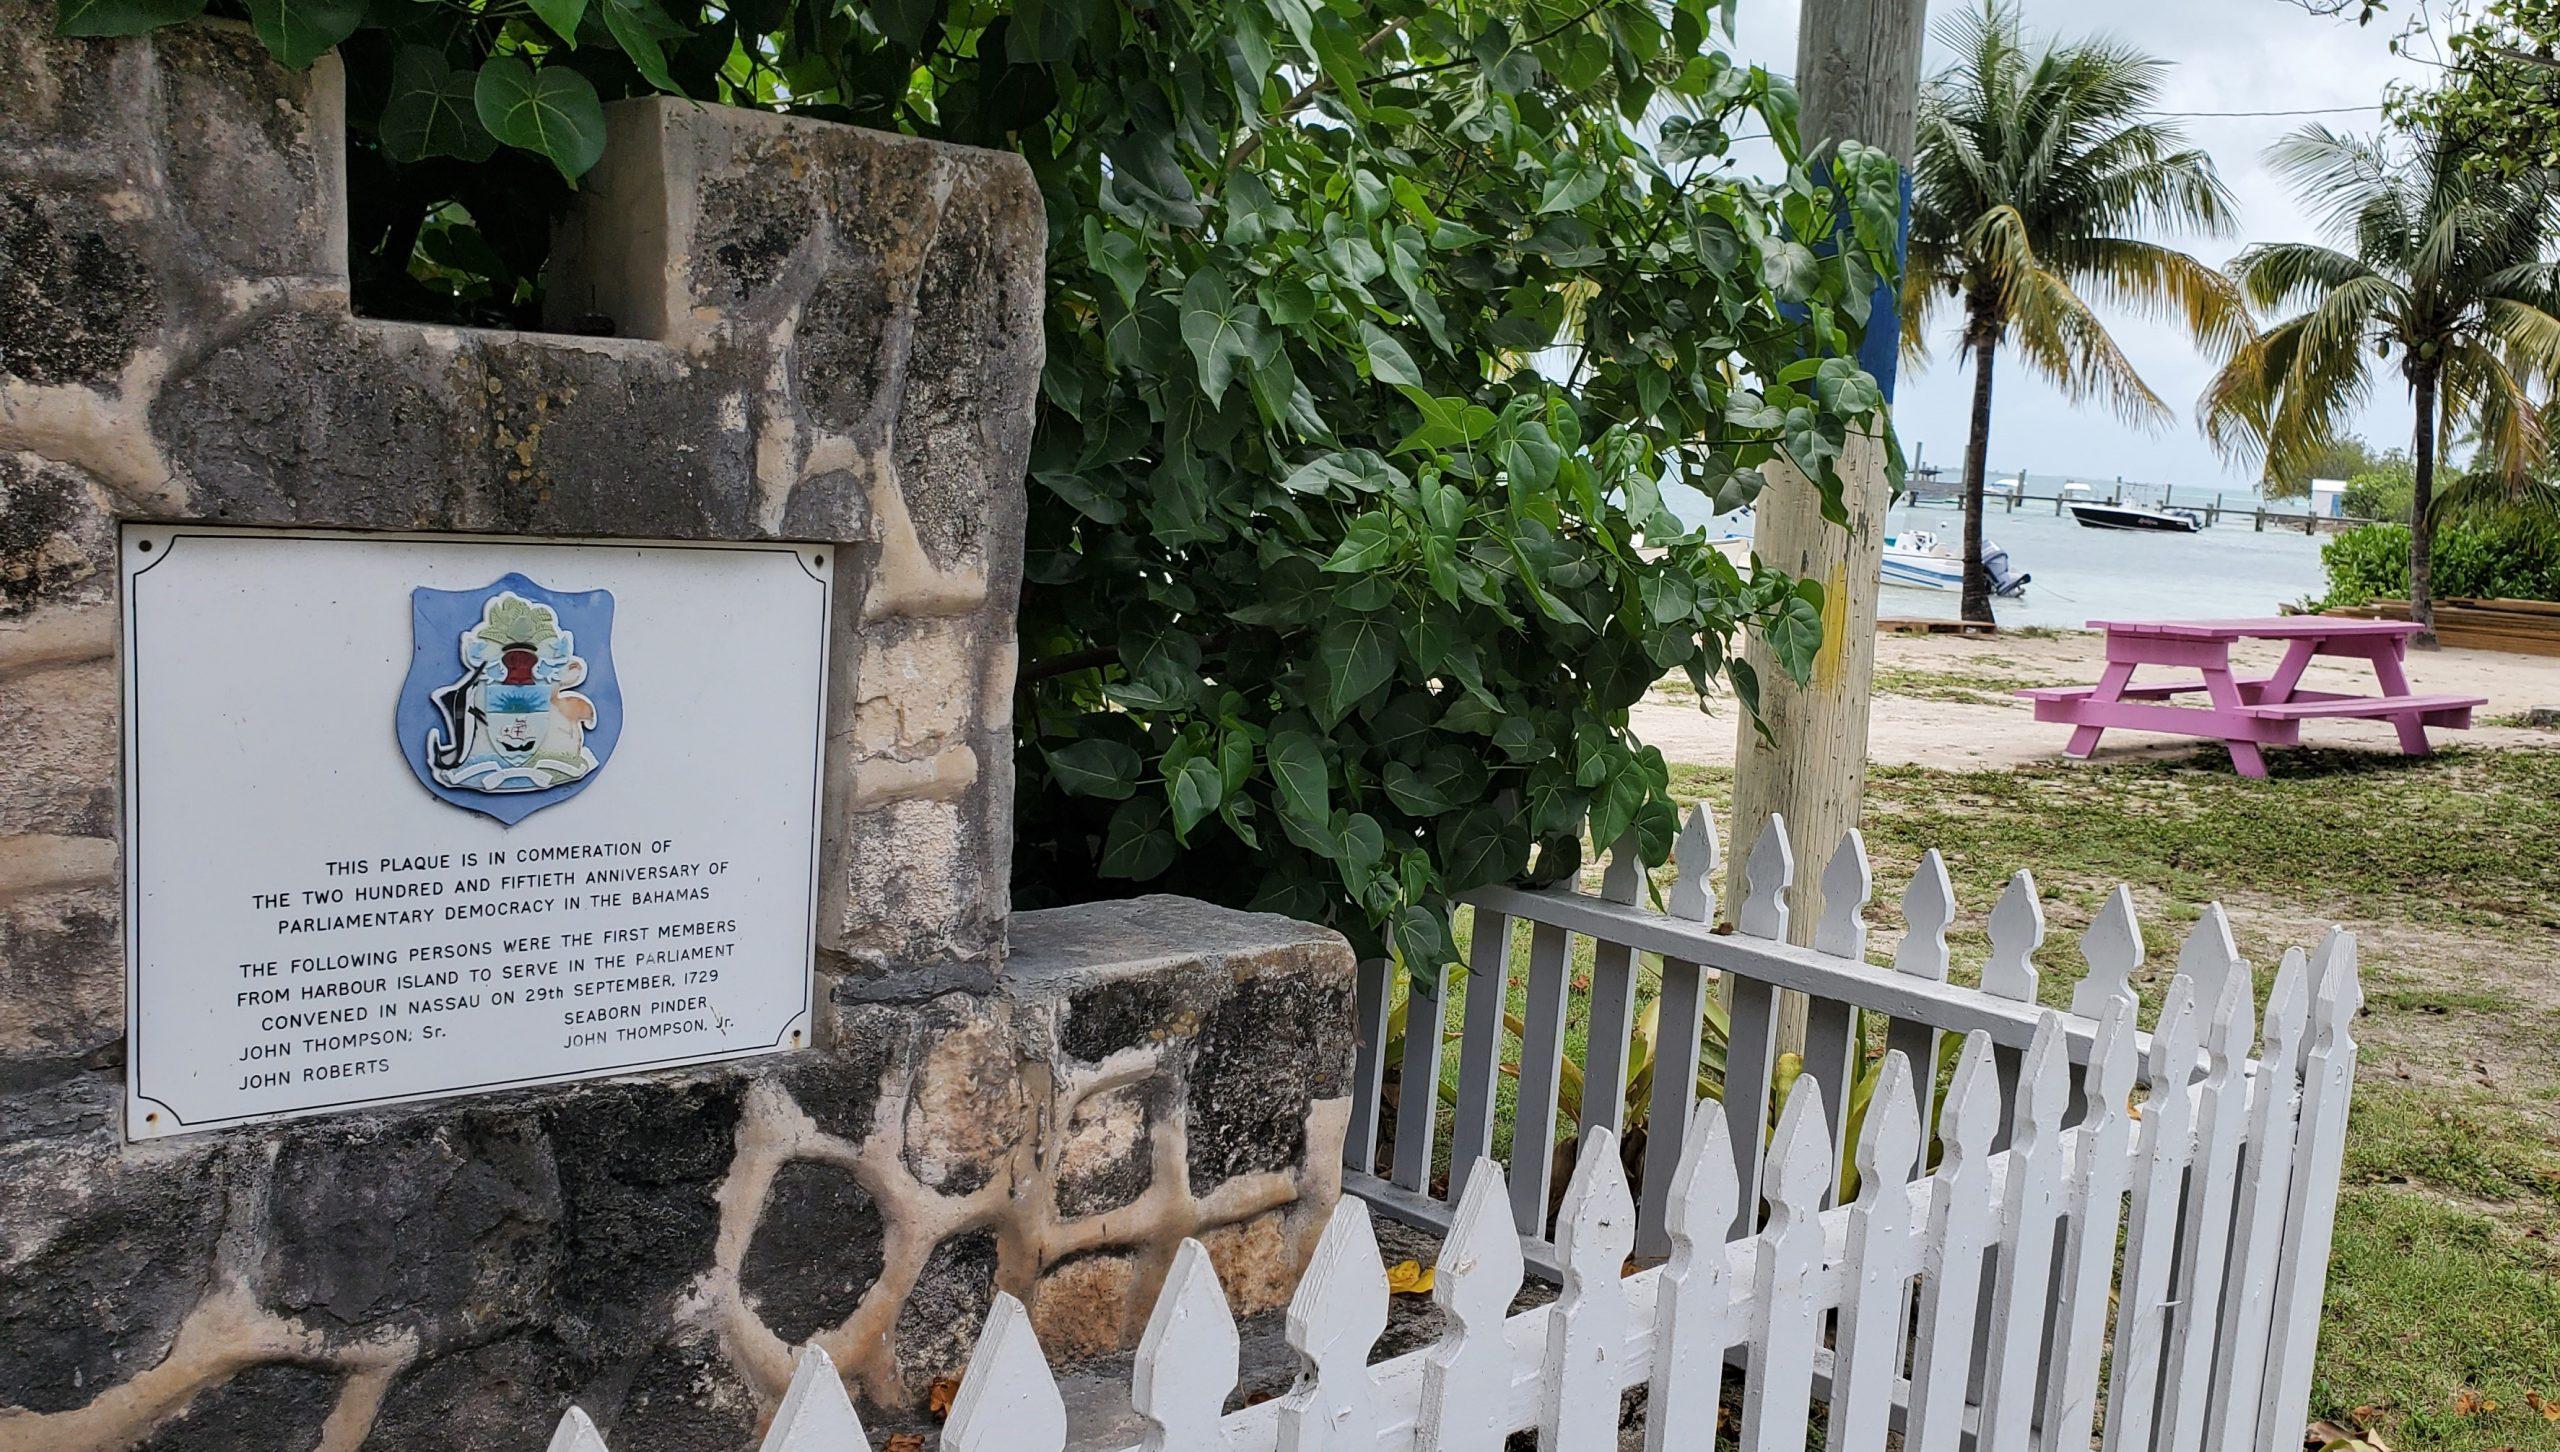 07-2021 Briland Club Marina The Bahamas sign 250 years